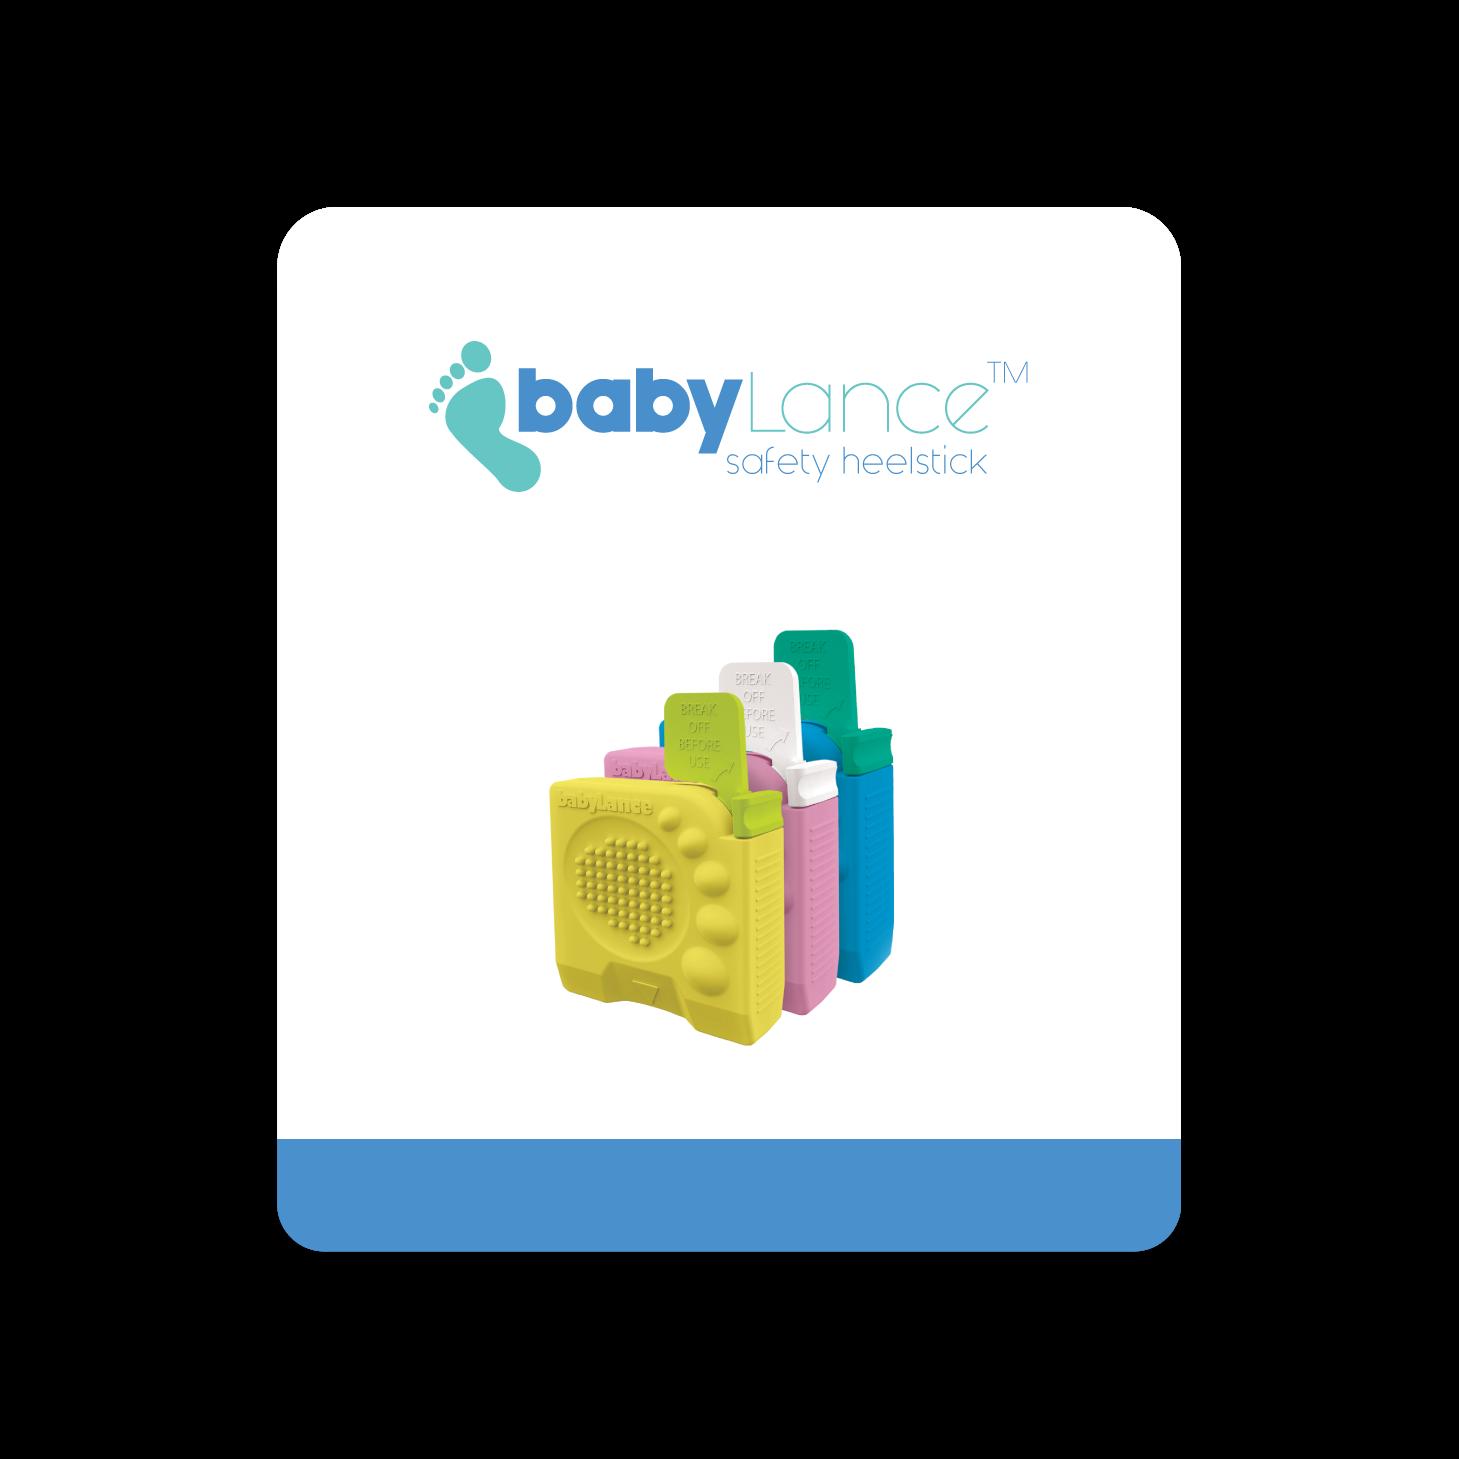 babyLance Neonatal Safety Heelstick